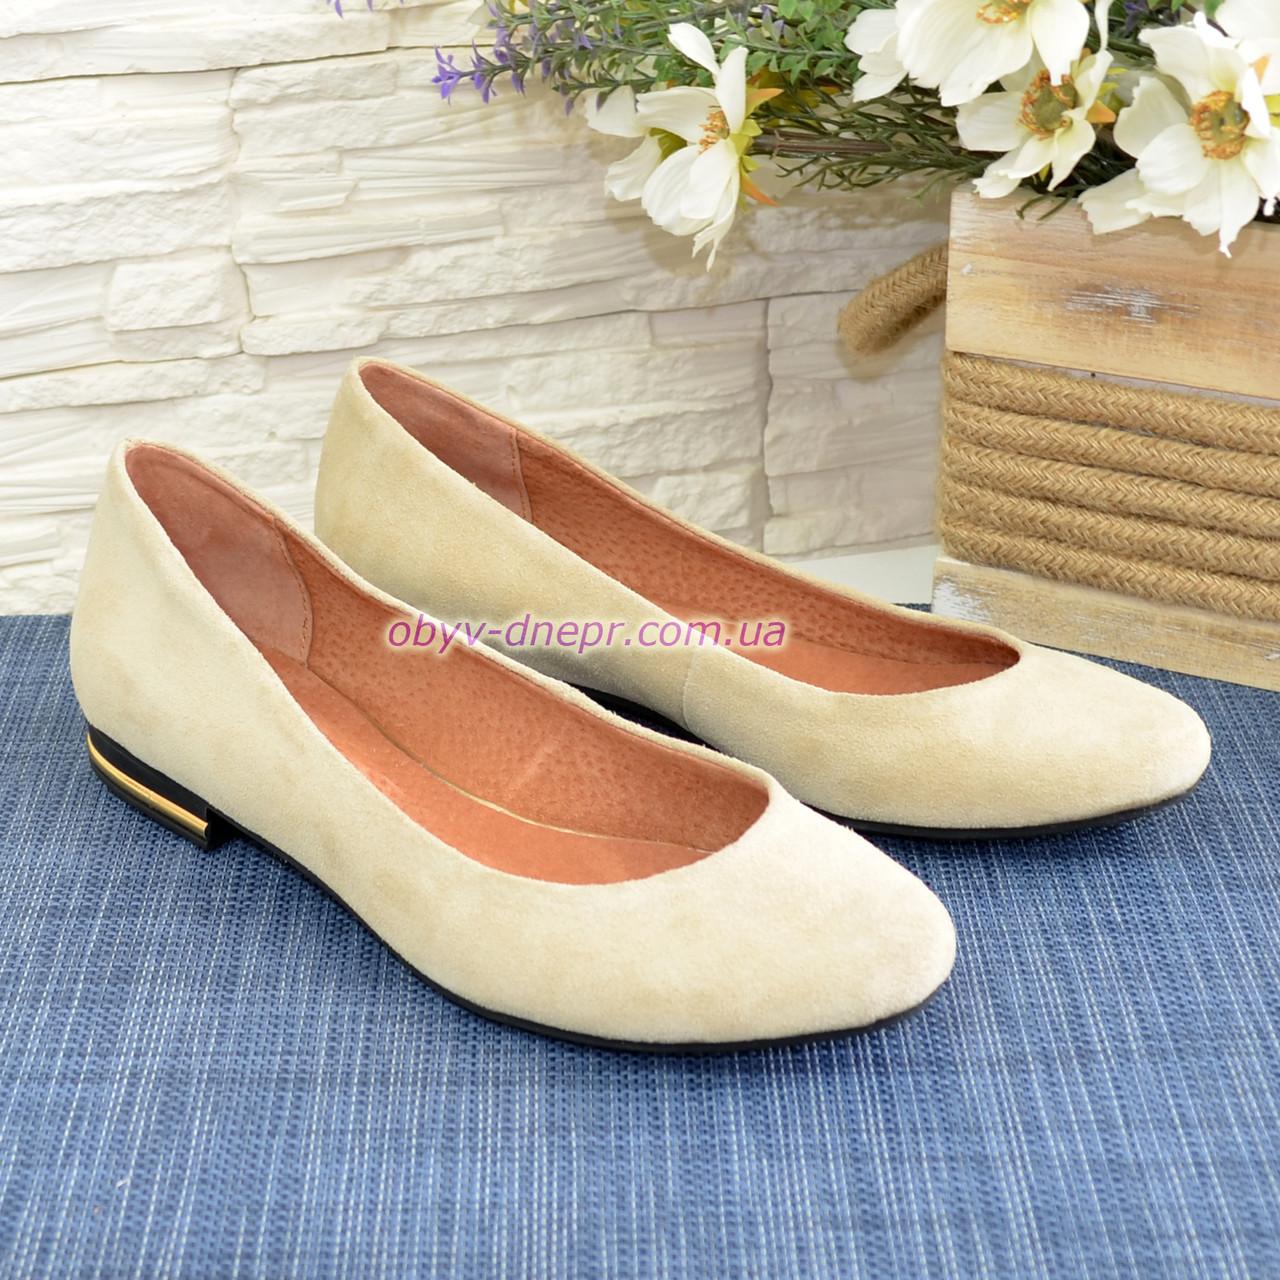 Туфли женские замшевые, цвет бежевый